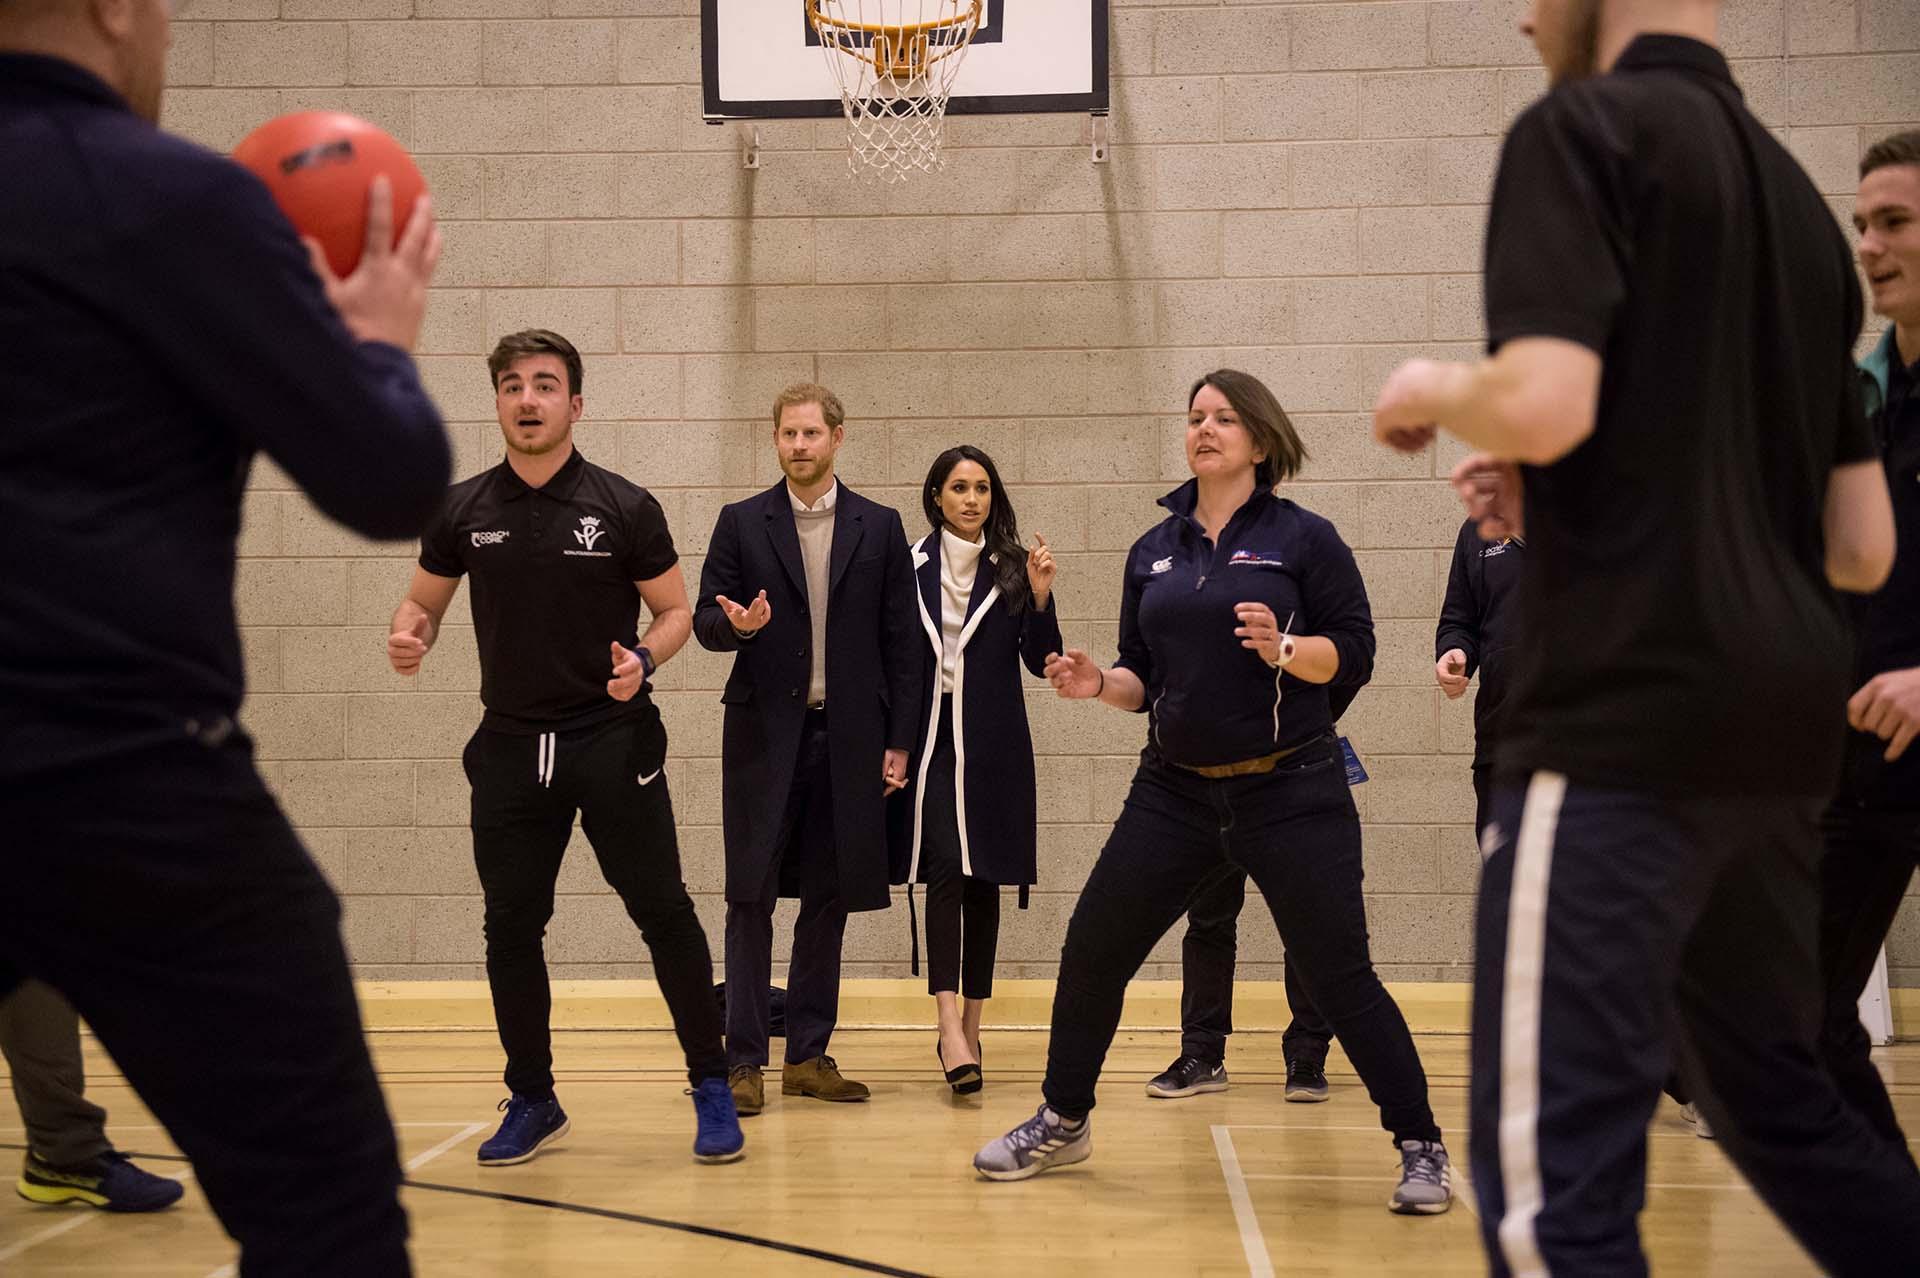 Los futuros Duques de Sussex fueron parte del entrenamiento siguiendo de cerca la actividad de los adolescentes